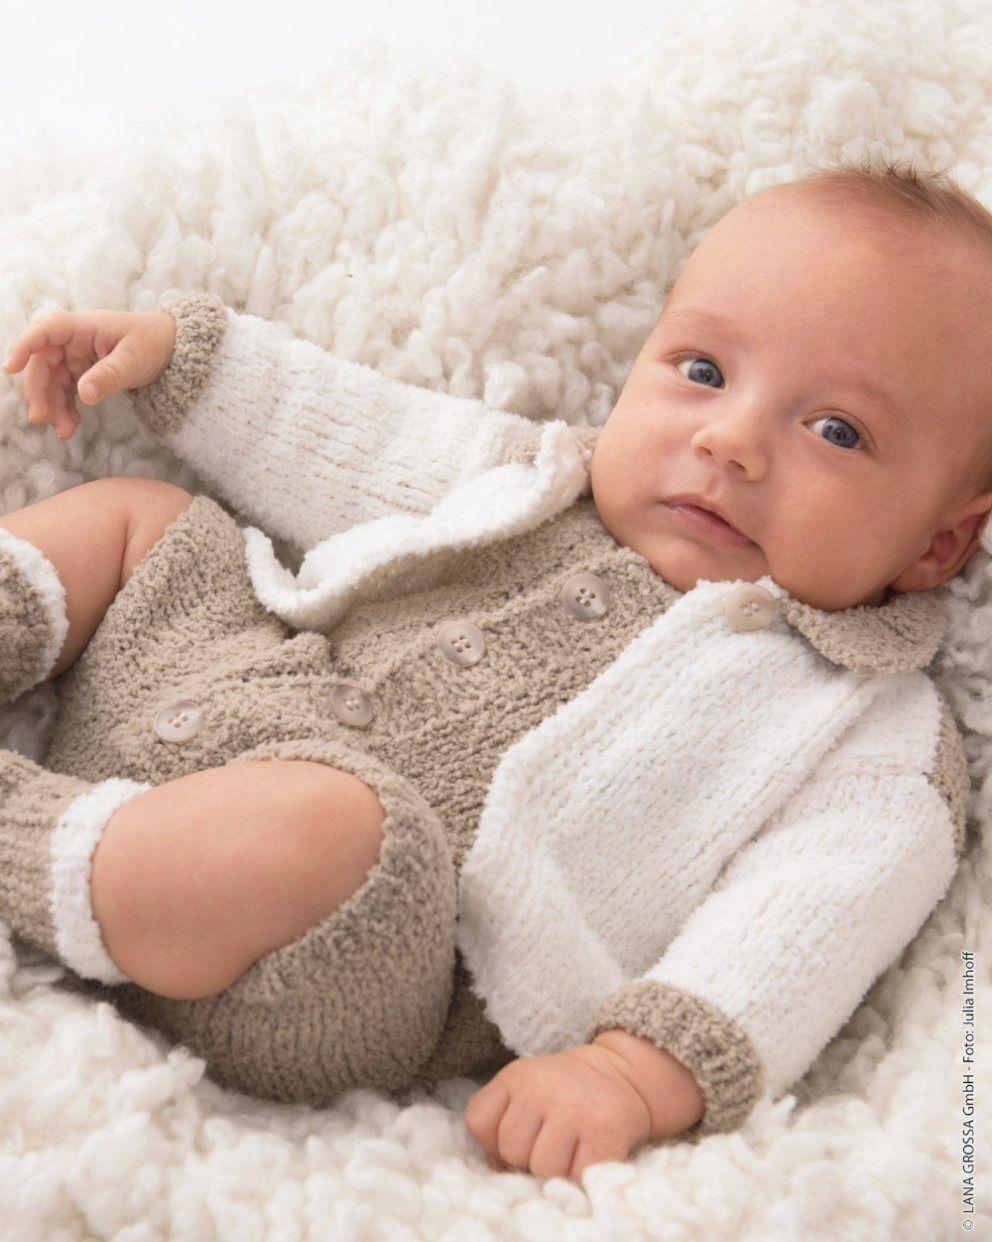 Models Jacket Baby Soft Lana Grossa In 2020 Strickanleitung Kostenlos Stricken Strickanleitungen